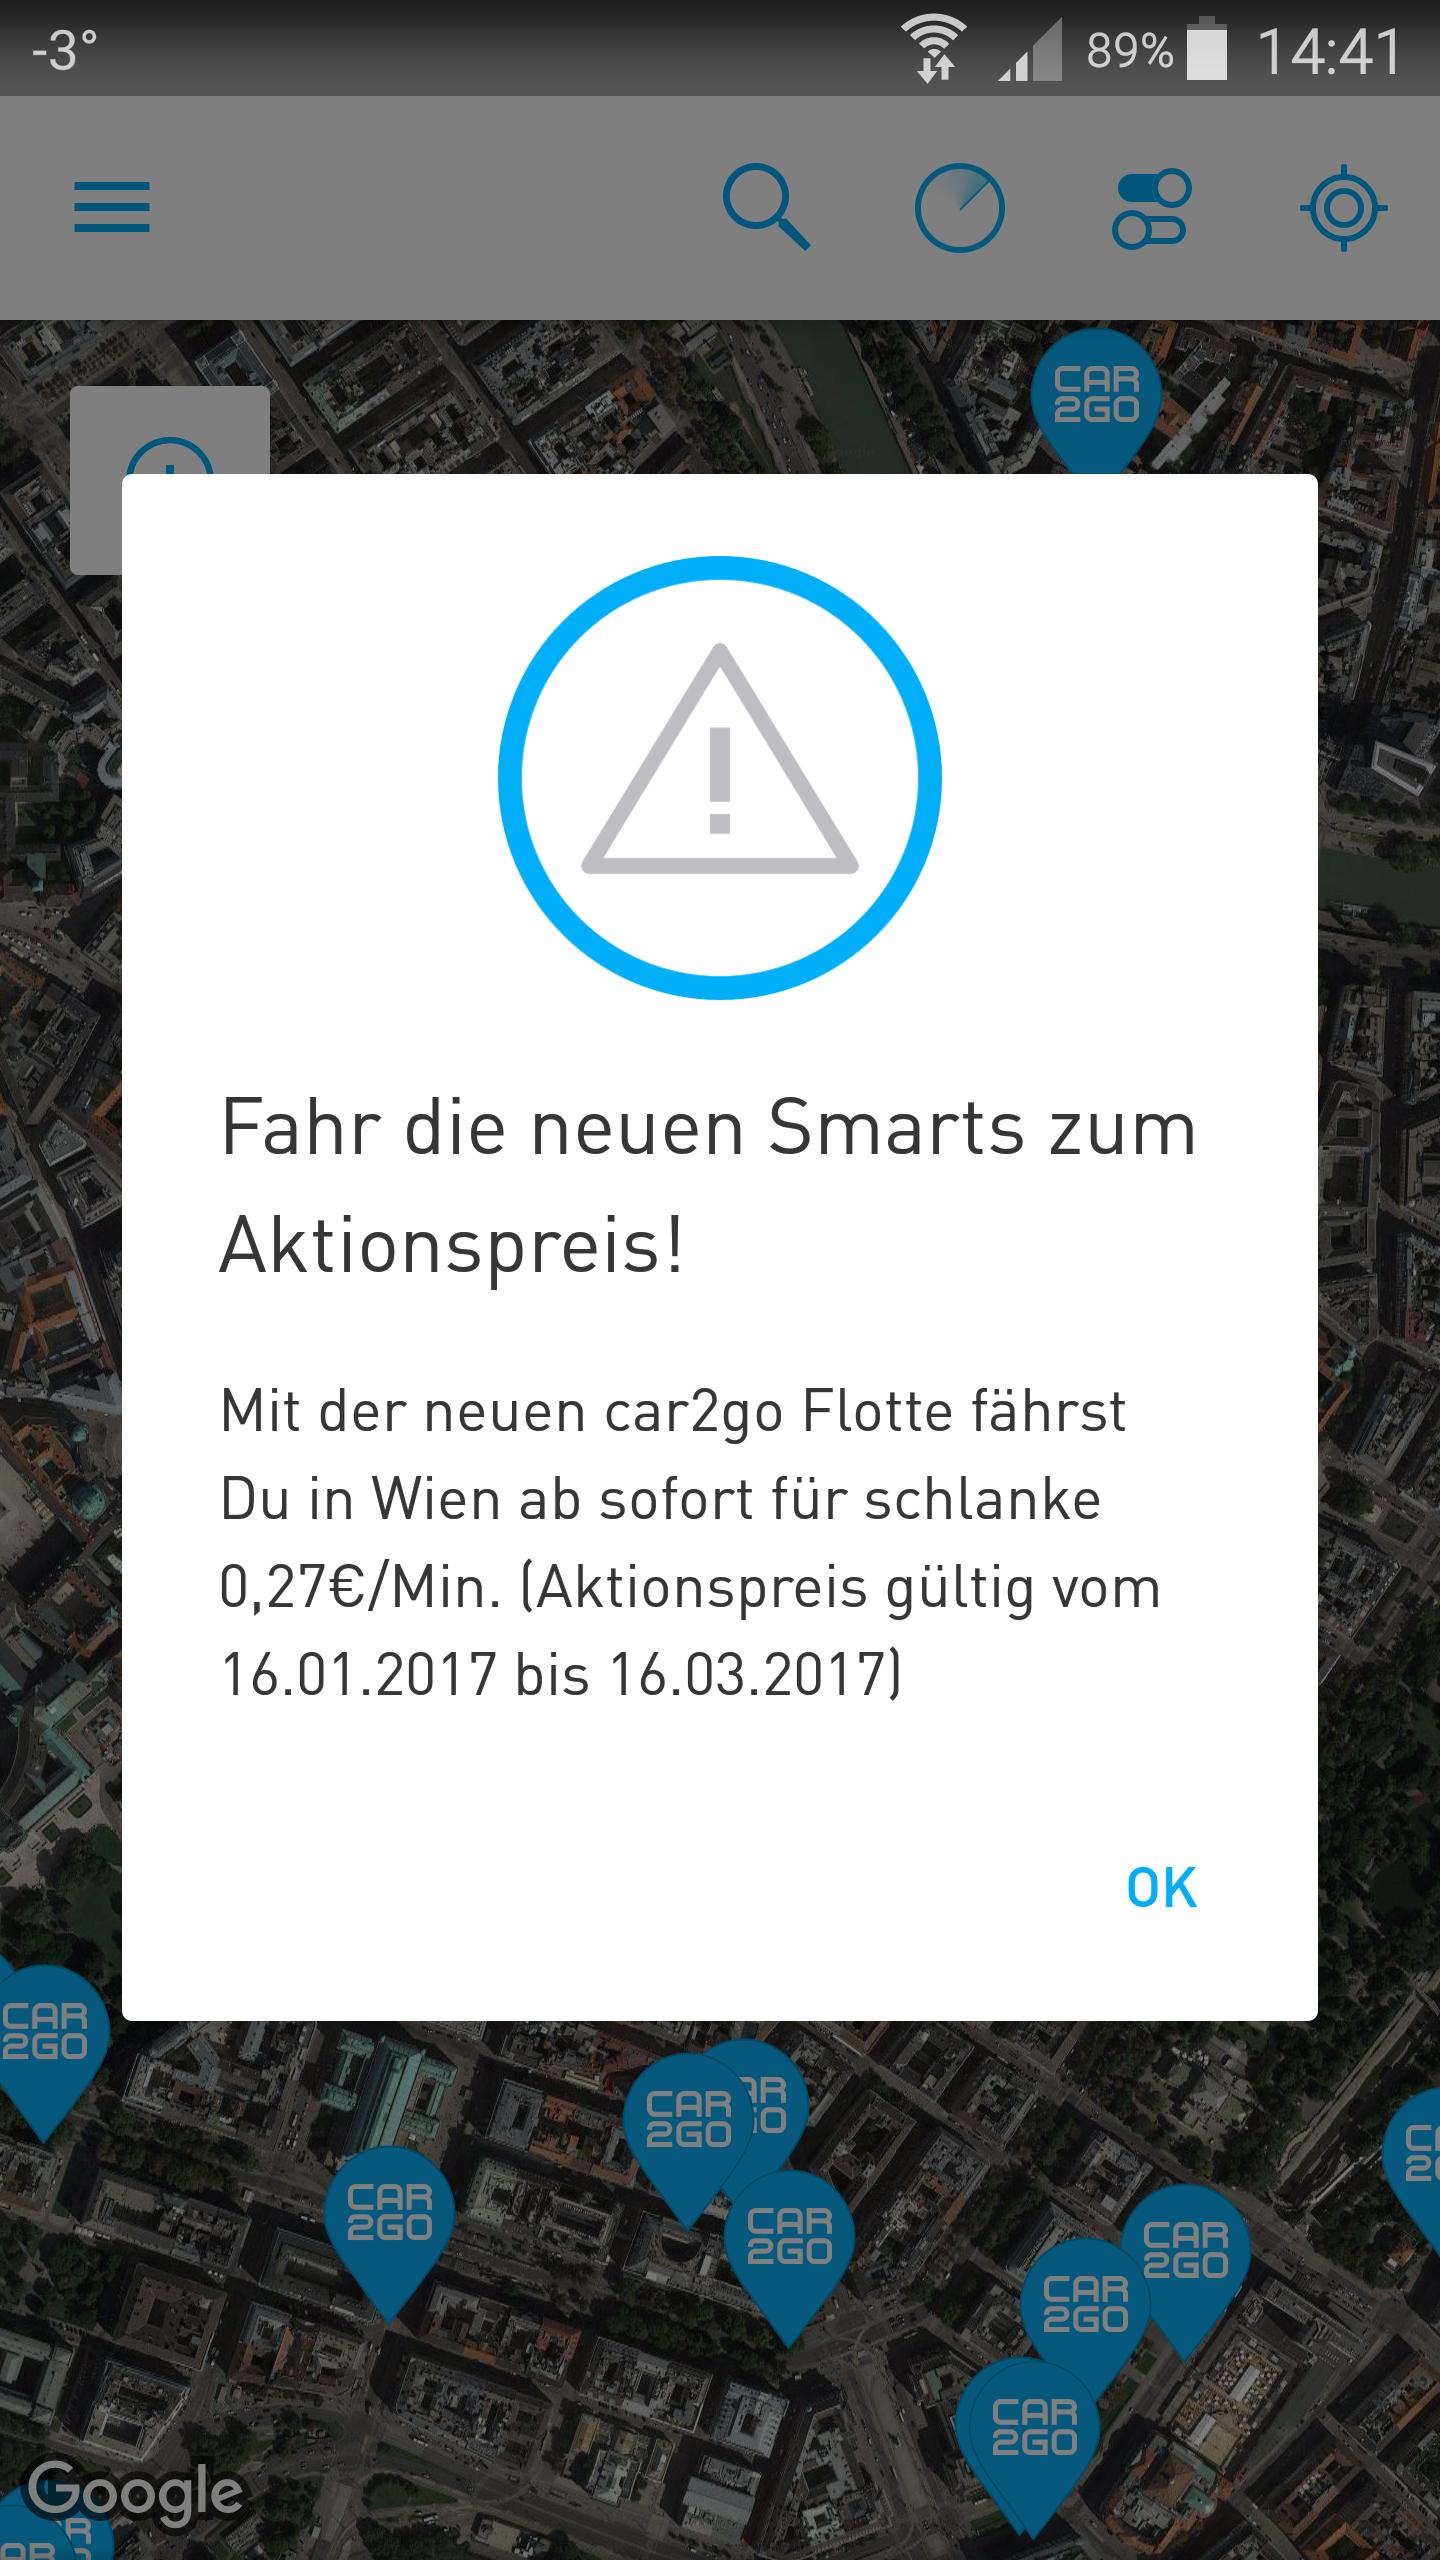 """Car2go Aktionspreis für """"0,27 €"""" die Minute fahren!"""